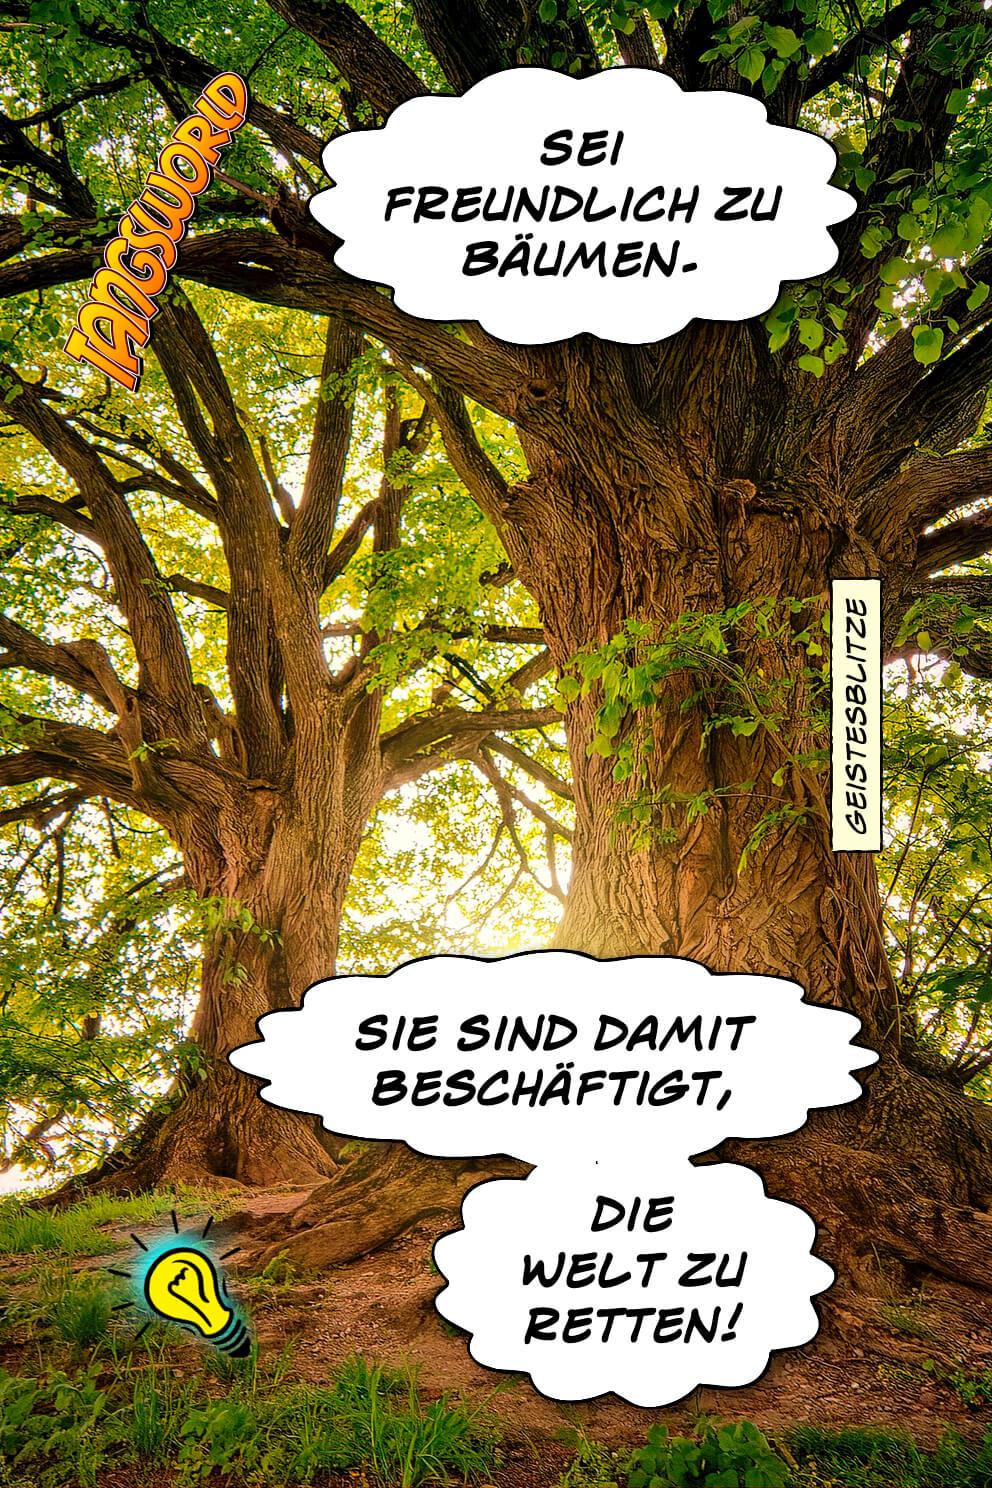 Sei freundlich zu Bäumen. Sie sind damit beschäftigt, die Welt zu retten! - Geistesblitze